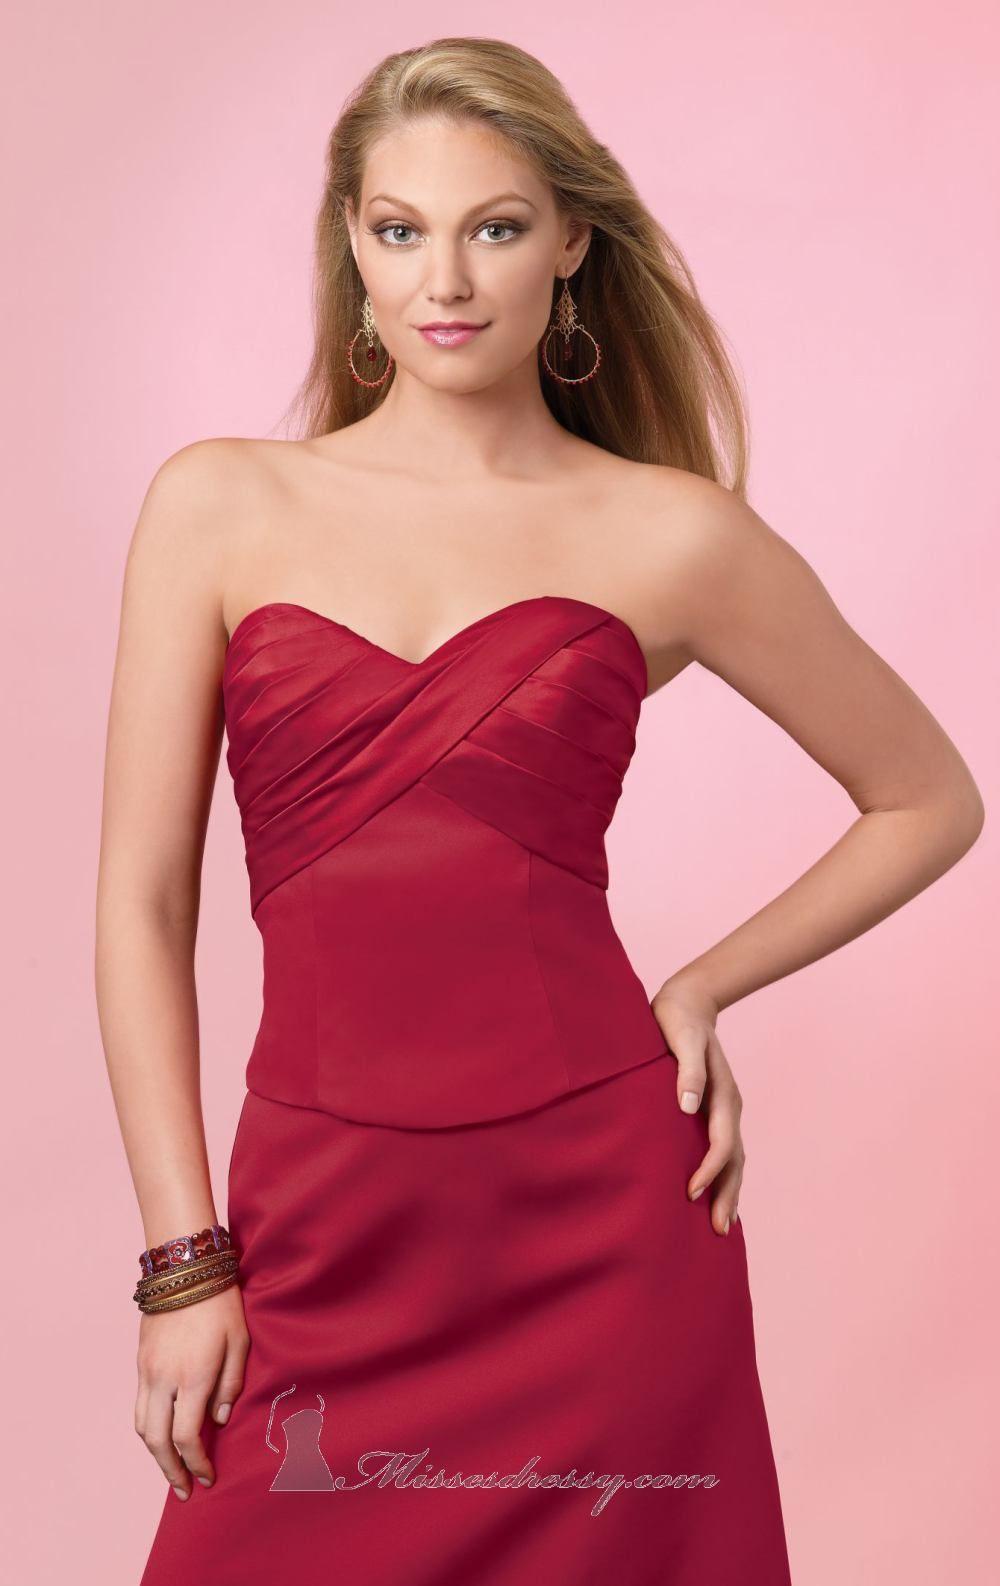 Hermosa Jordan Wedding Dresses Friso - Colección de Vestidos de Boda ...